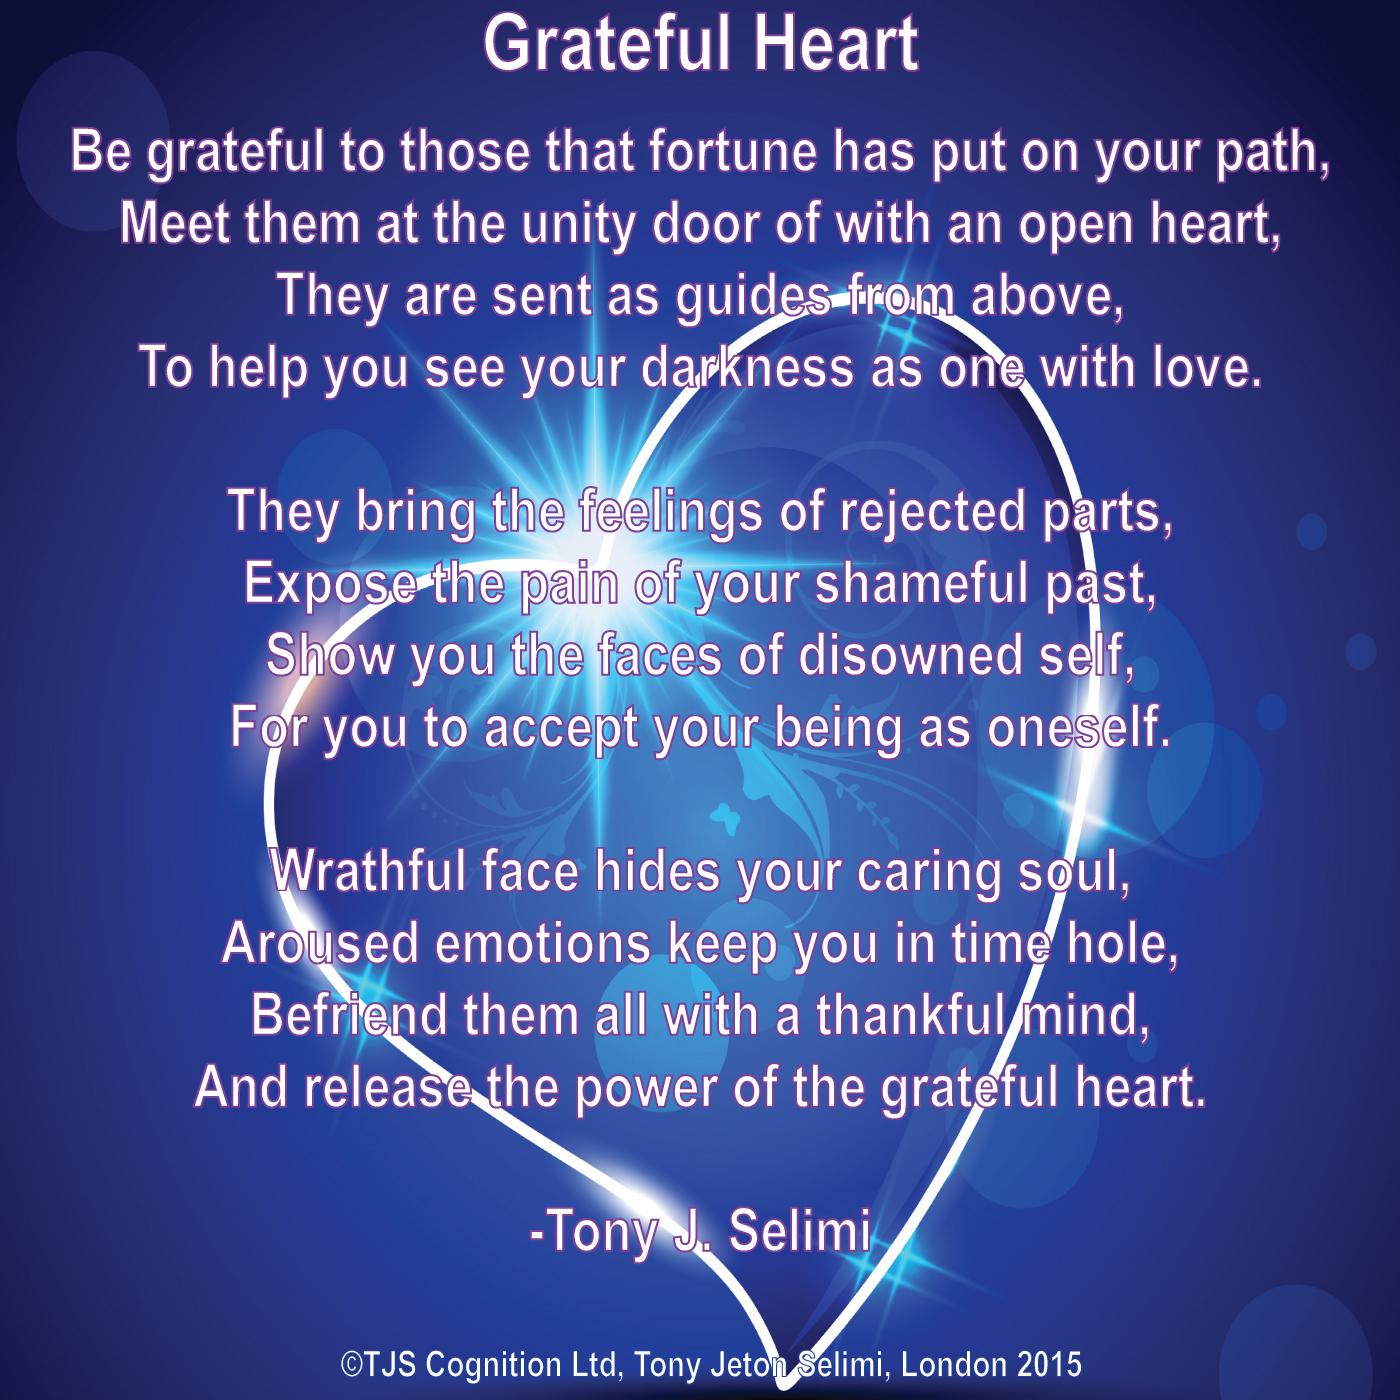 Grateful-Heart-by-Tony-J-Selimi